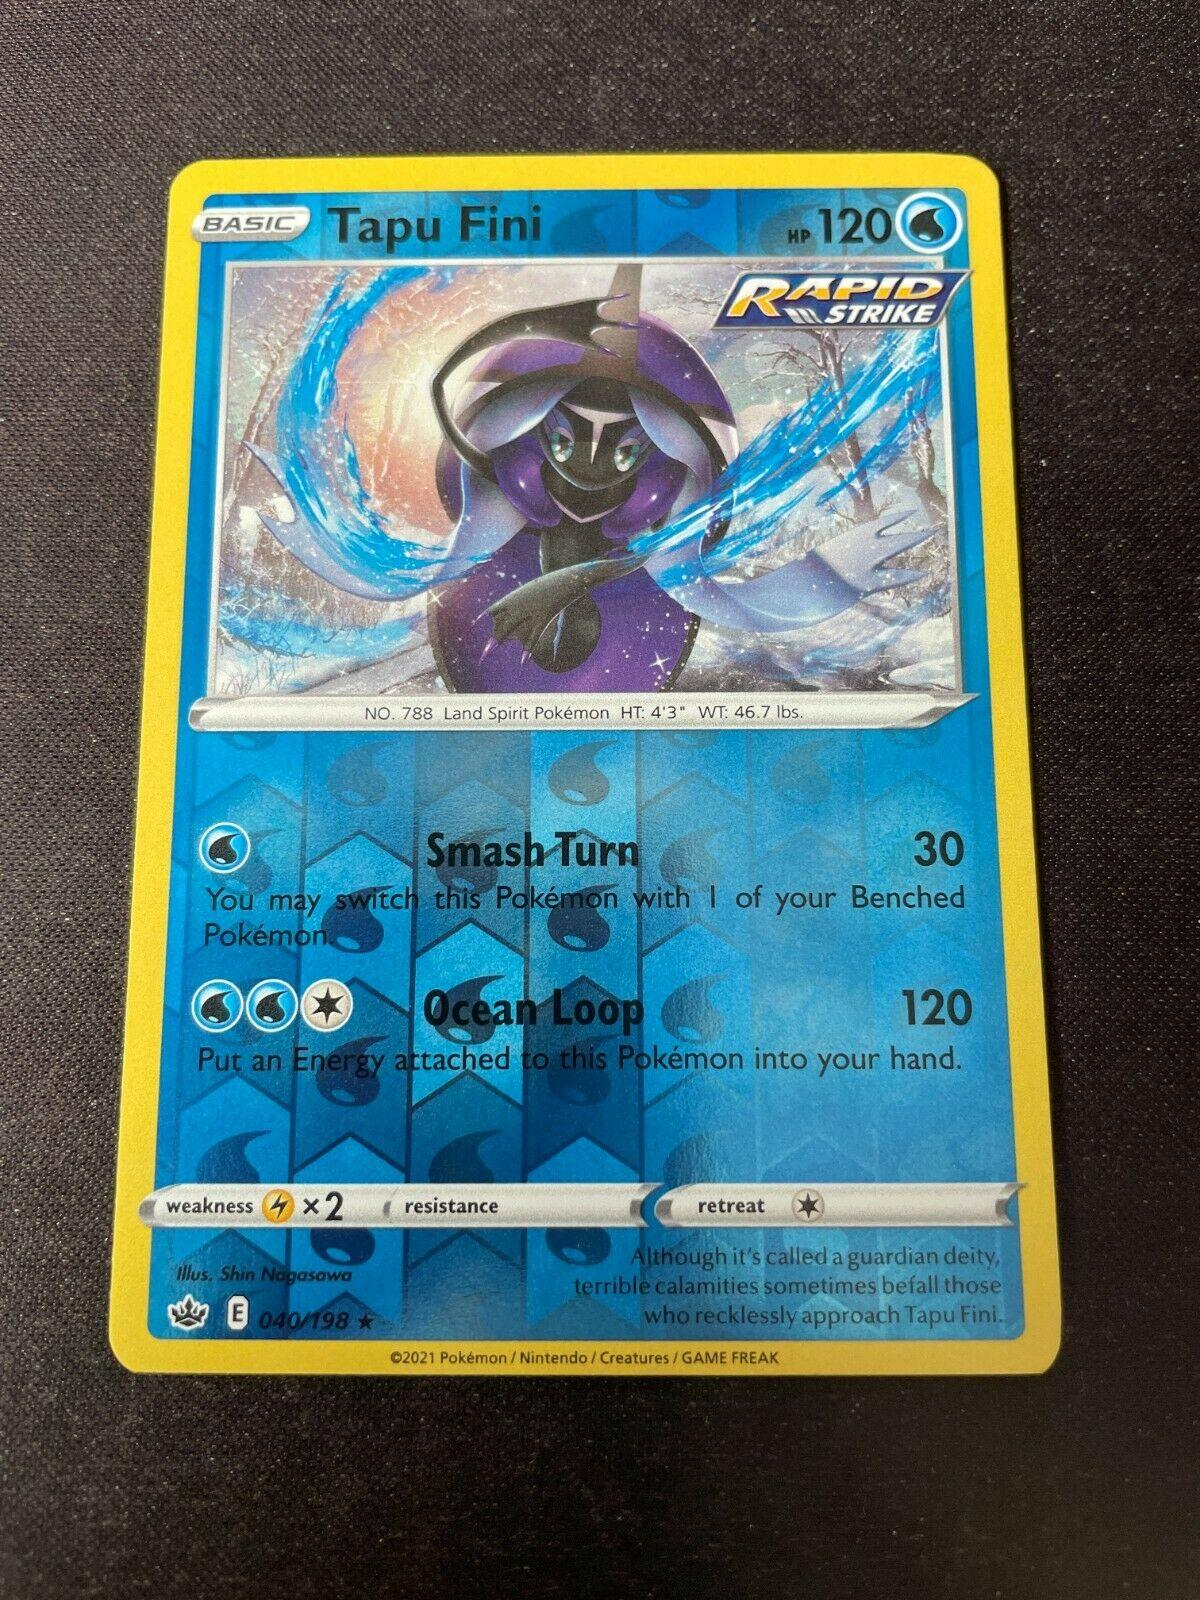 Pokemon TCG Chilling Reign 040/198 Tapu Fini Card Fresh Reverse Holo Mint Rare